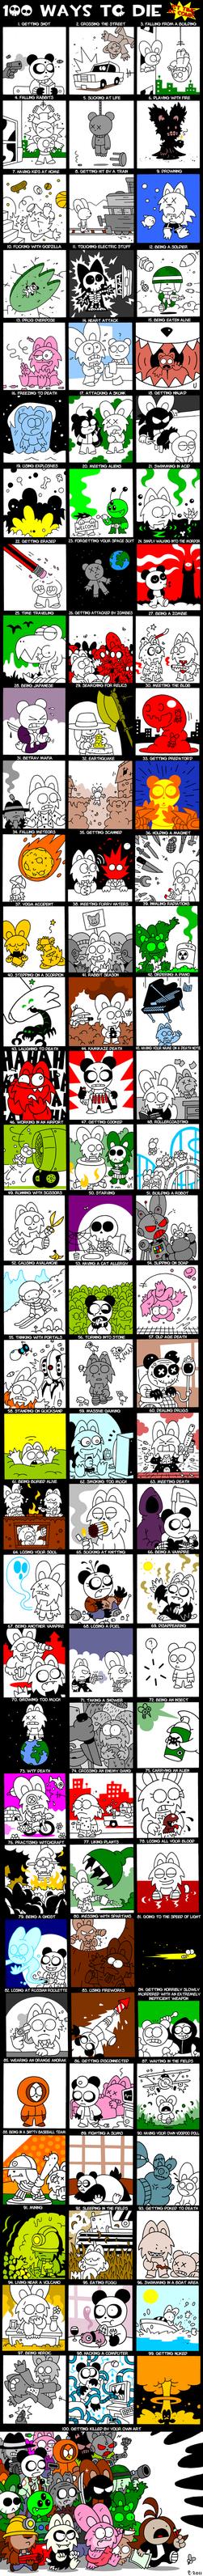 100 ways to die by StoneRabbit